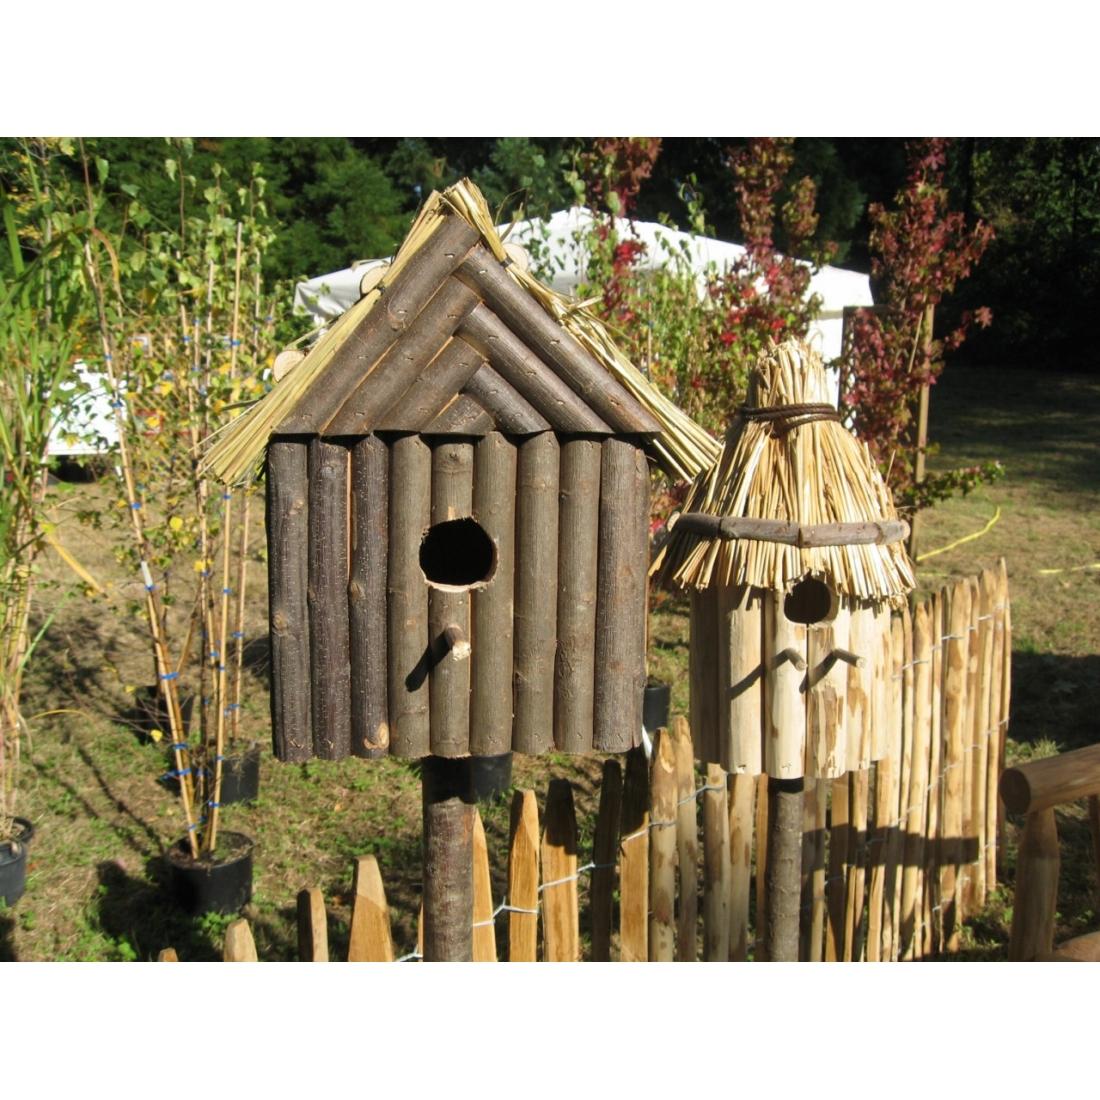 cabane pour oiseaux. Black Bedroom Furniture Sets. Home Design Ideas